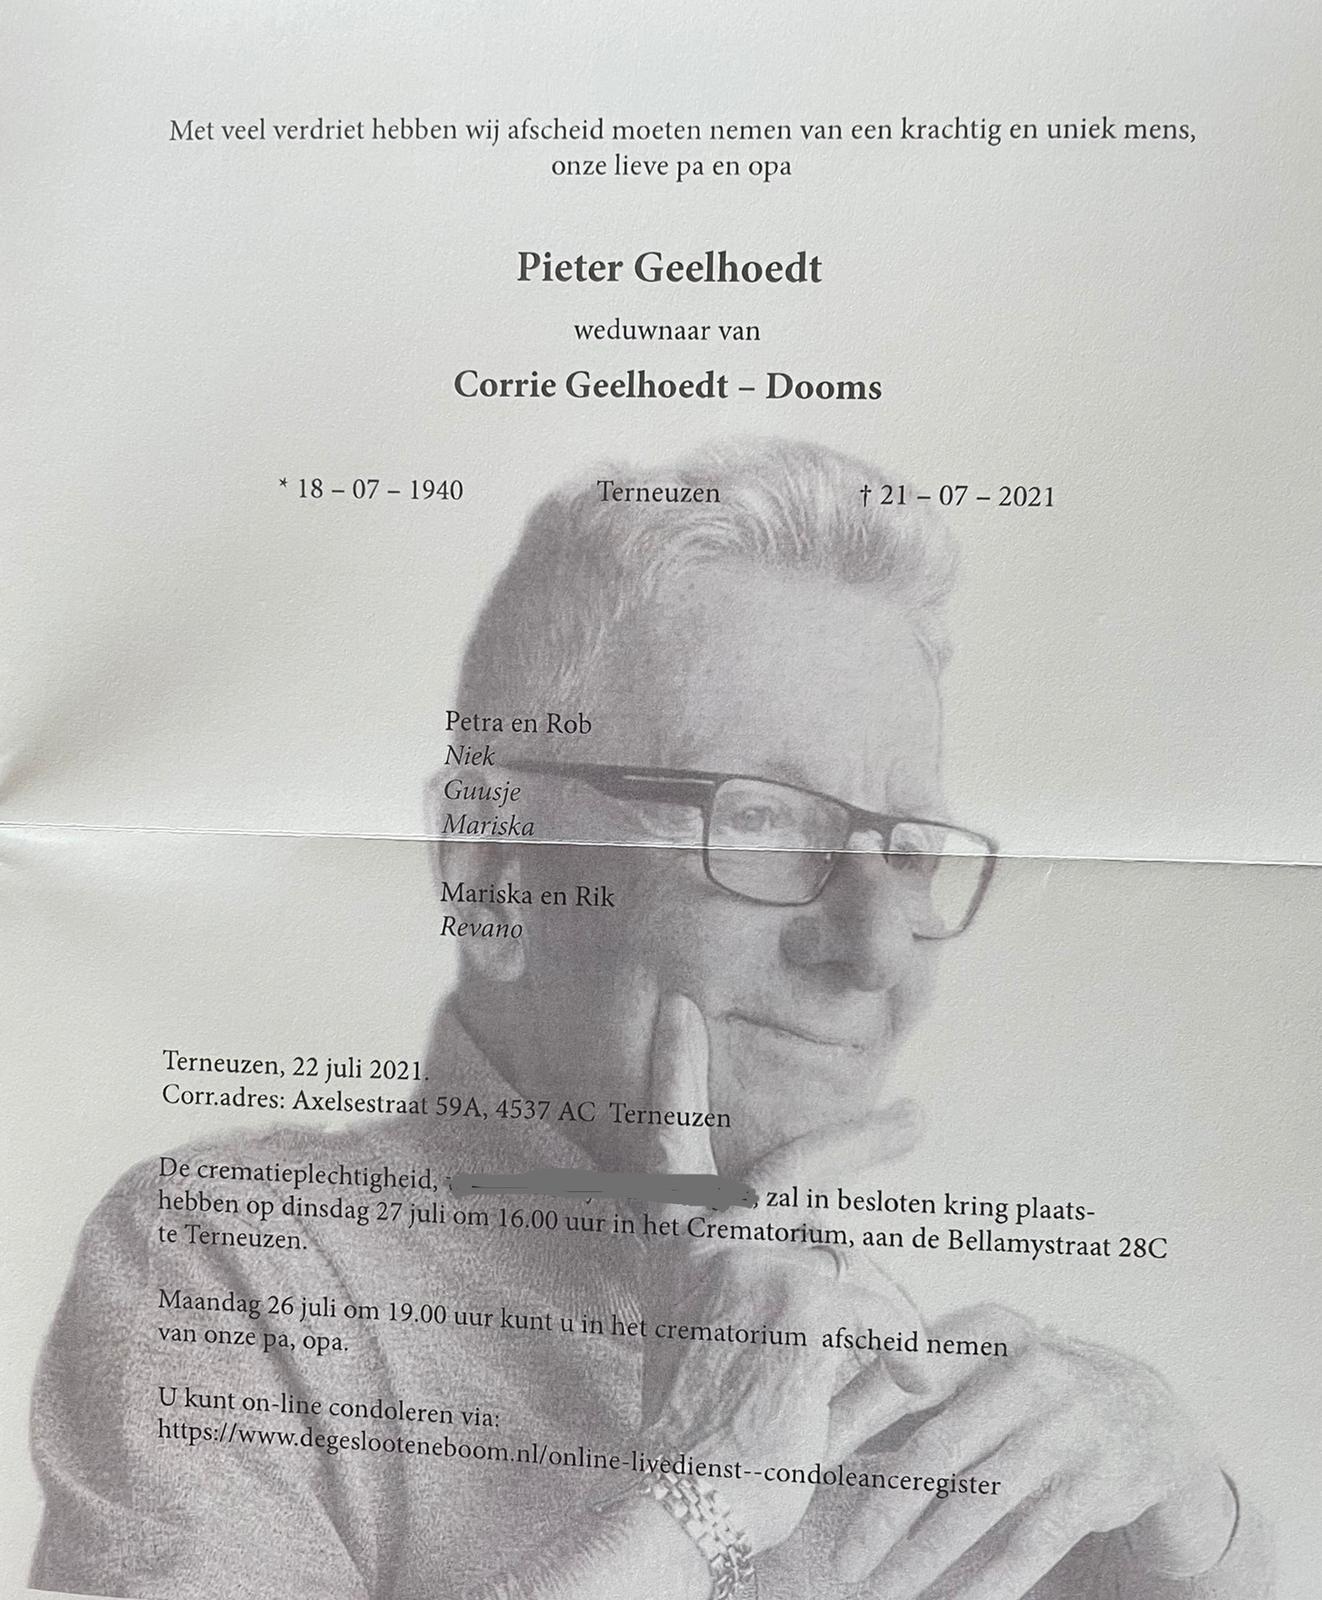 Overlijdensbericht Pieter Geelhoedt